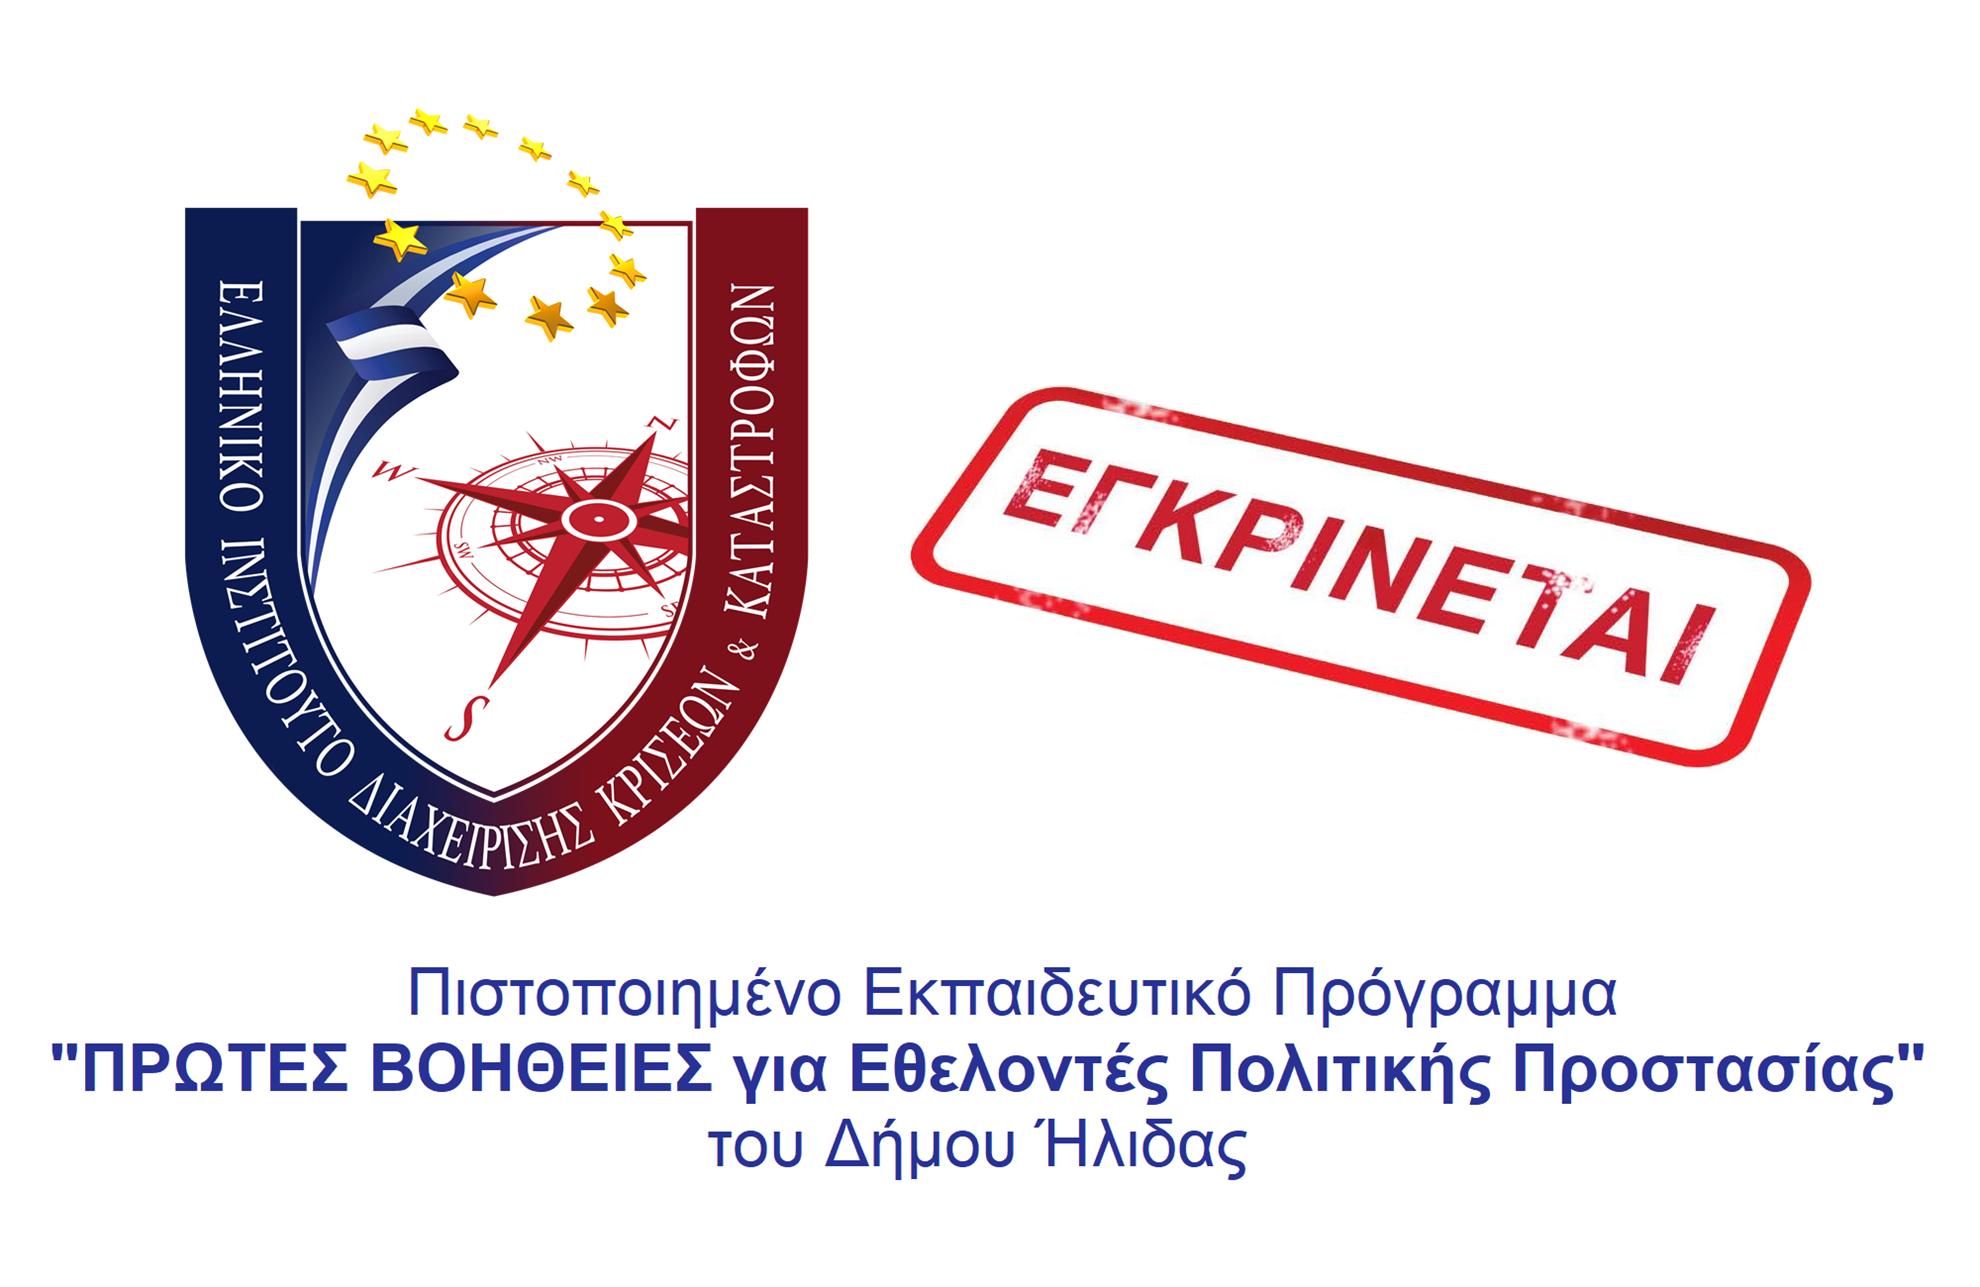 Το πρώτο στην Ελλάδα εγκεκριμένο και πιστοποιημένο πρόγραμμα Πρώτων Βοηθειών από το Ελληνικό Ινστιτούτο Διαχείρισης Κρίσεων και Καταστροφών